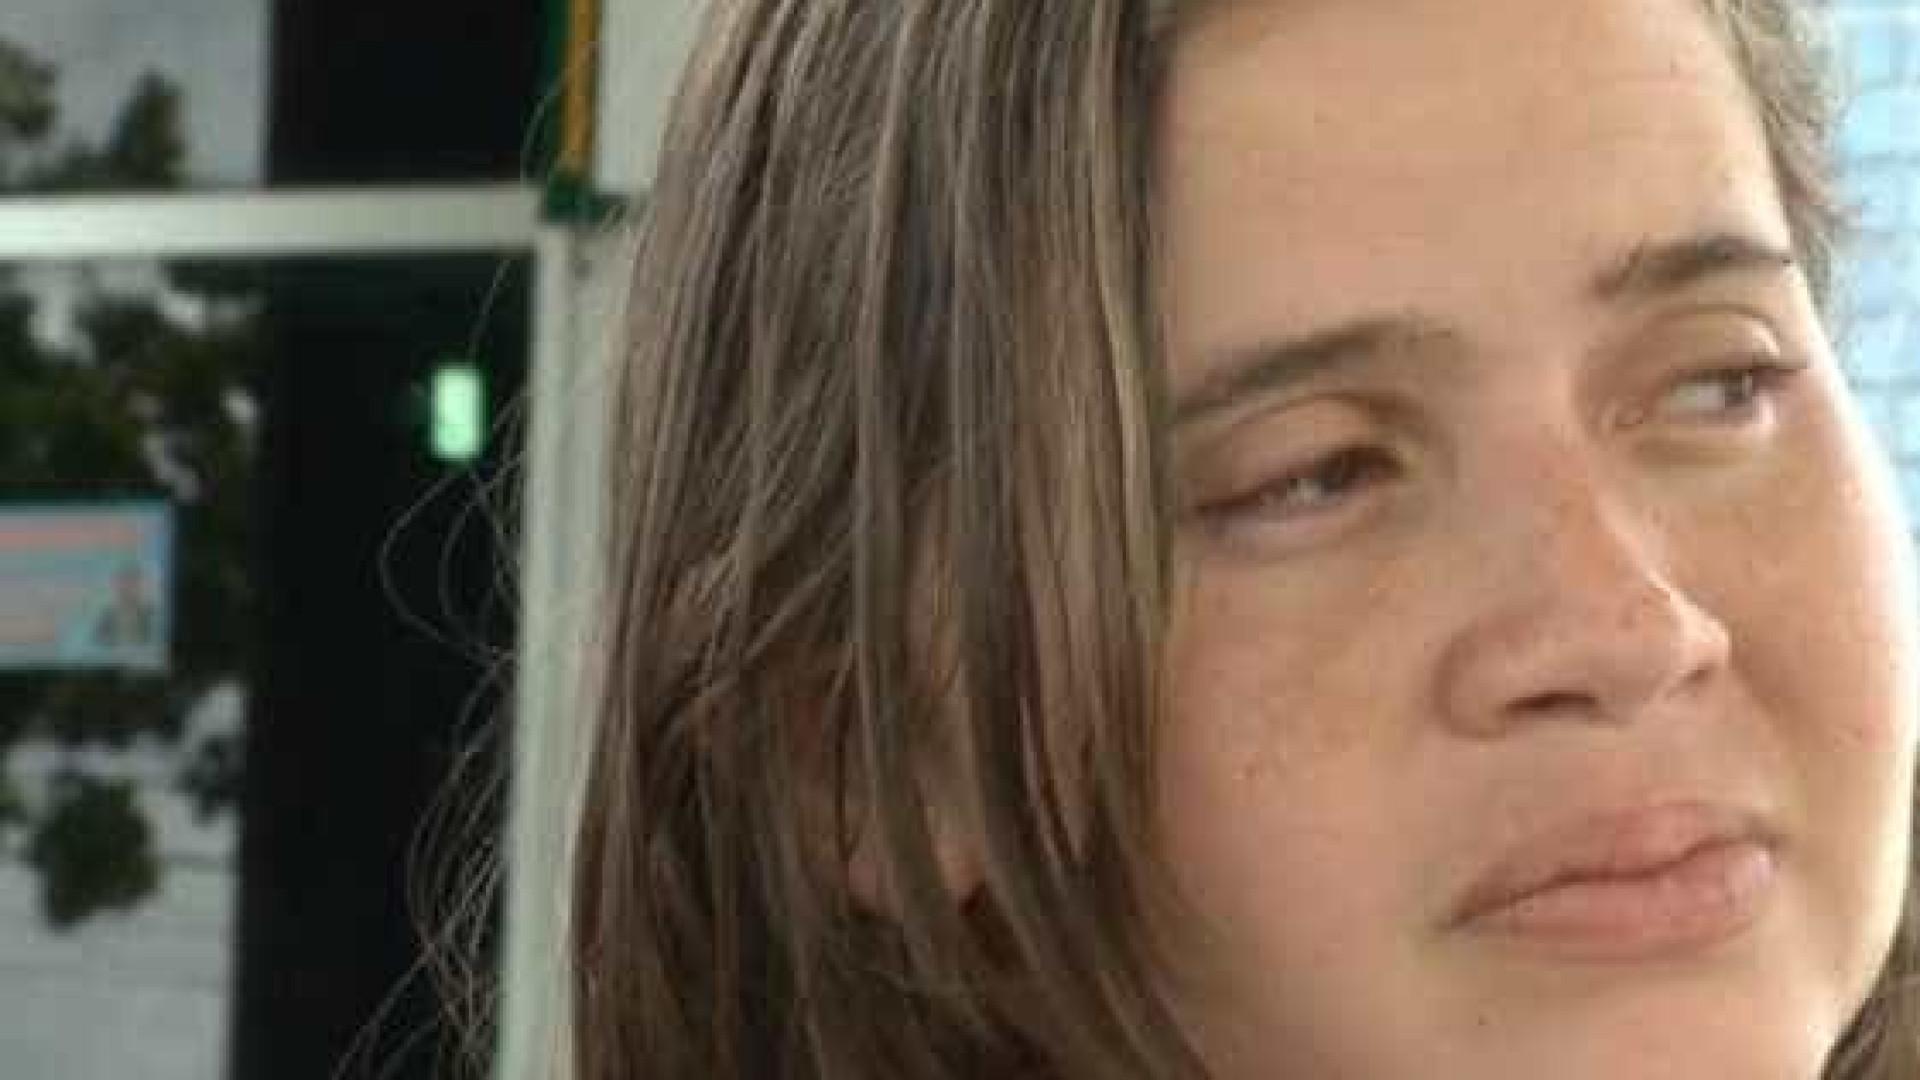 'Morreu com fome', diz mãe de criança morta por PMs em Teresina